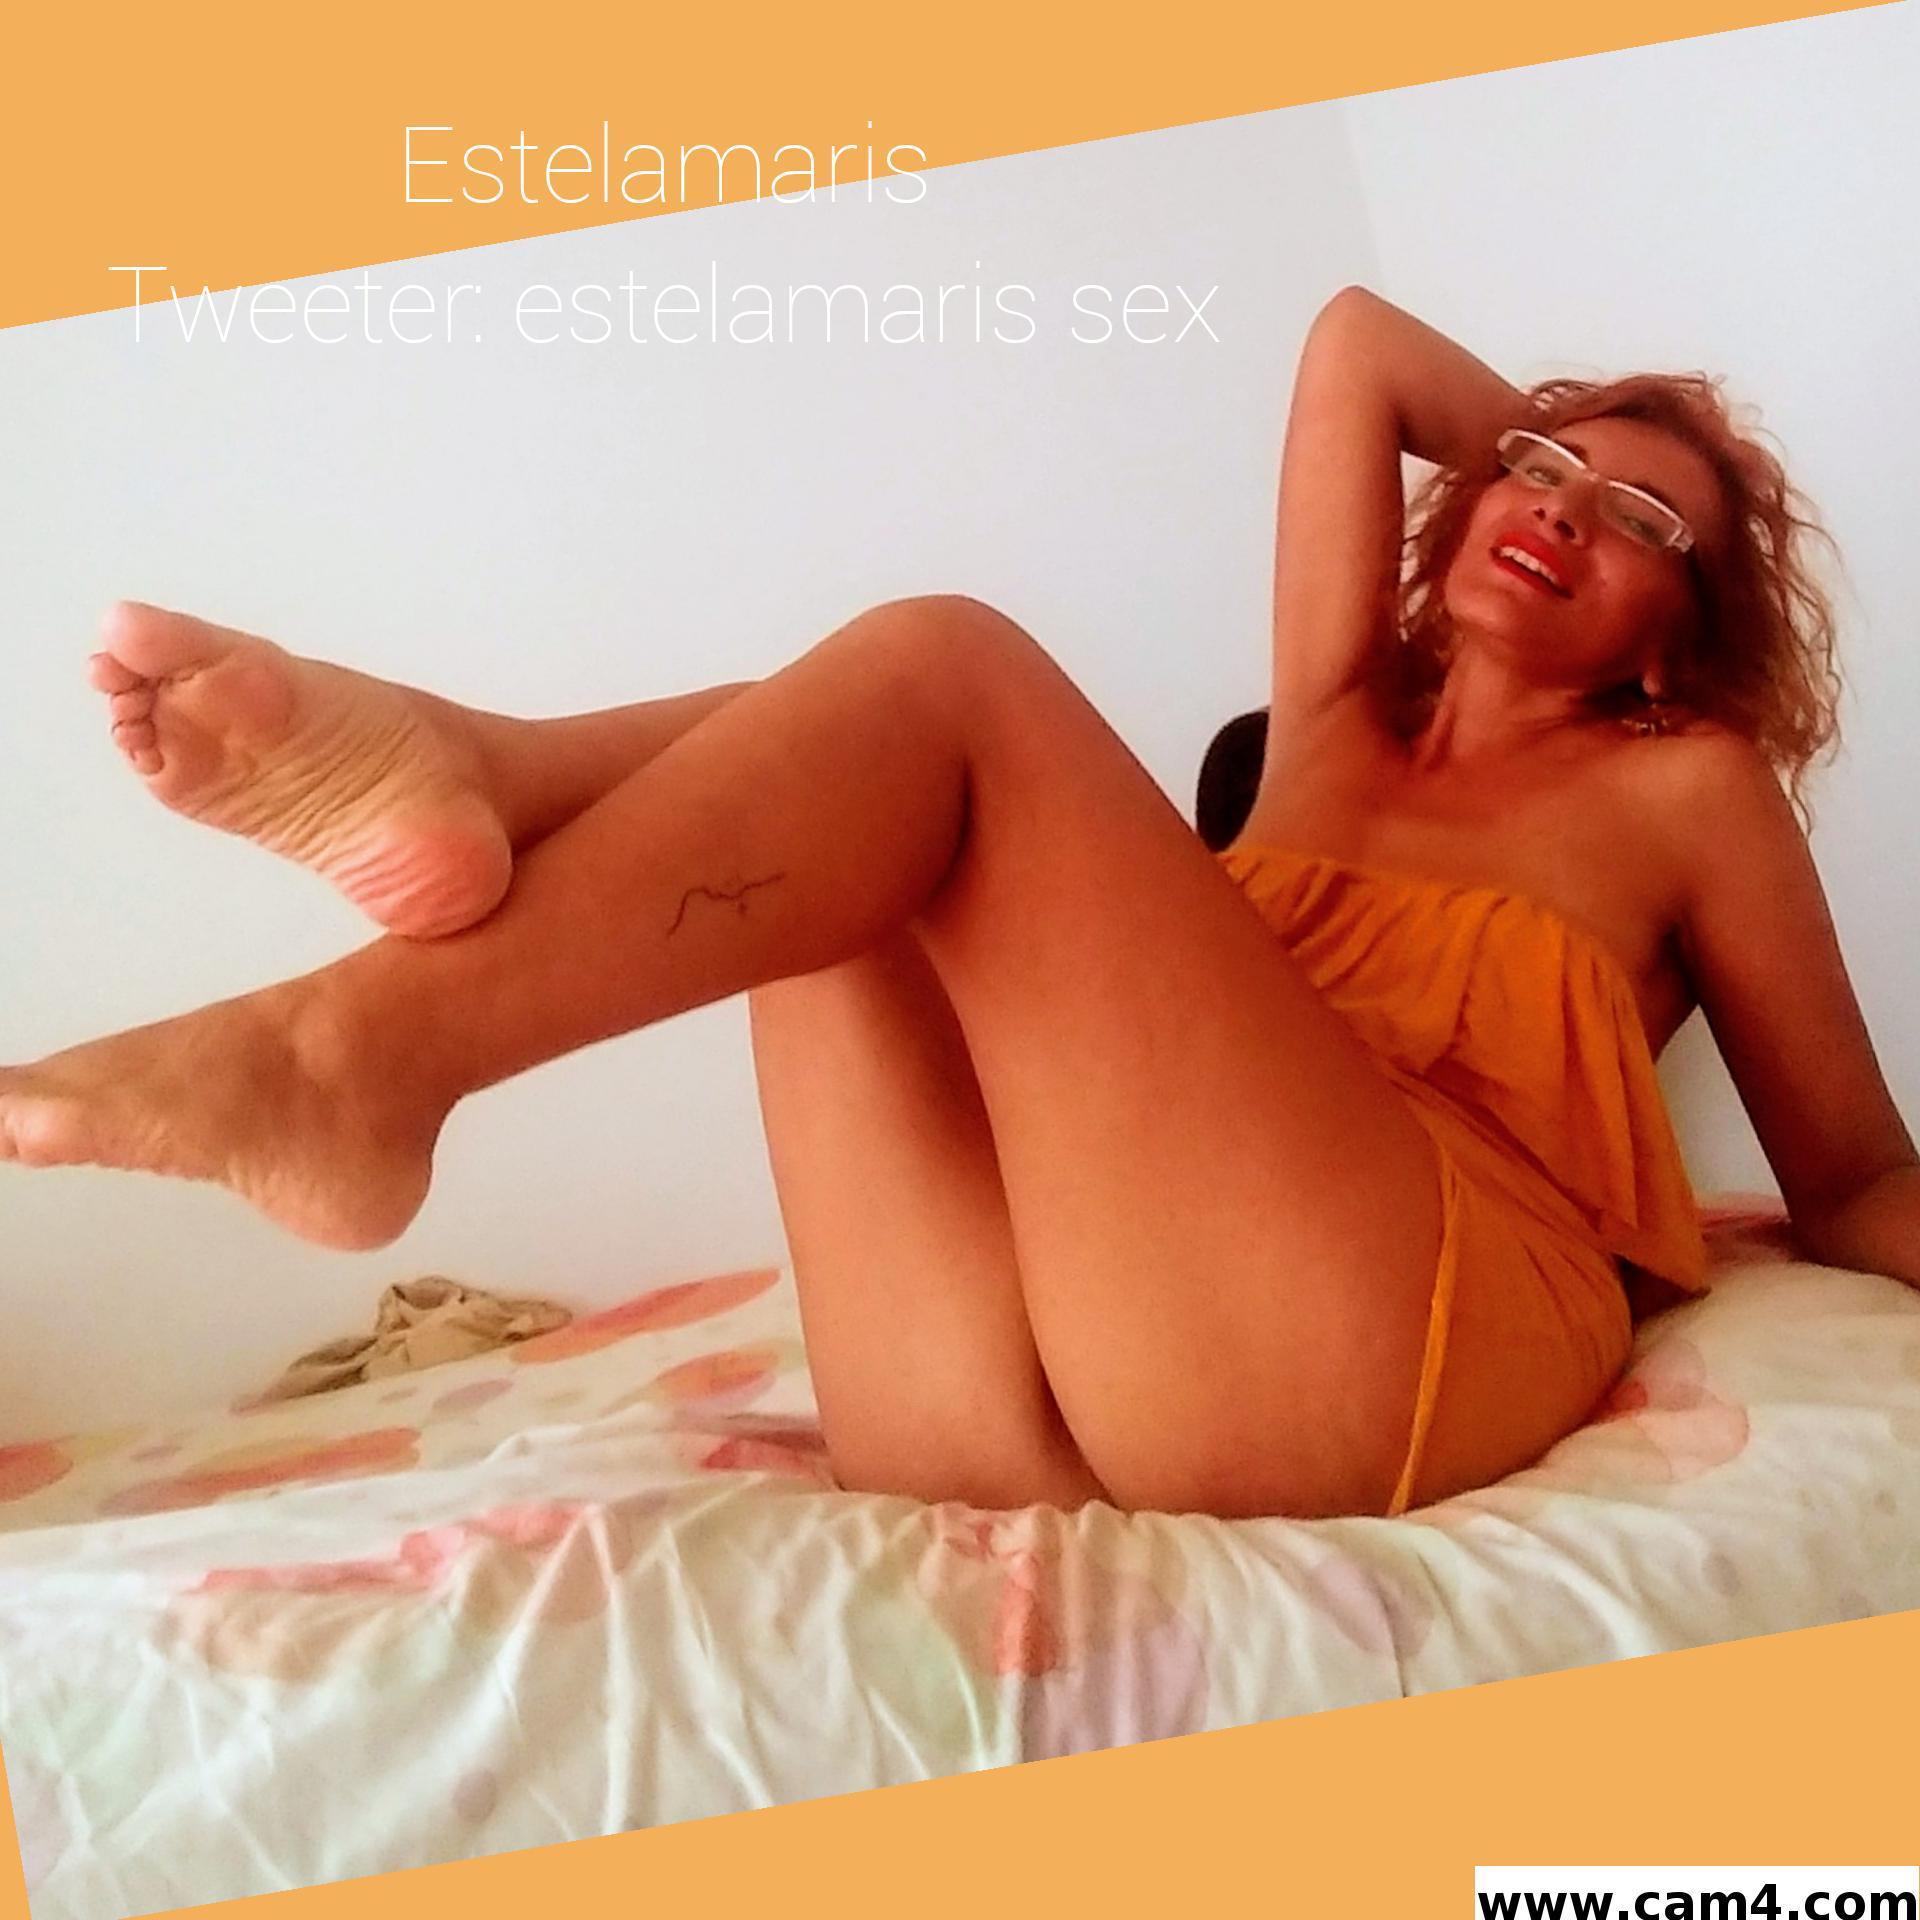 Estelamarisex?s=mzxoyztsqyg77tlddw332hbenm2j4ftkiiiuxtu4724=